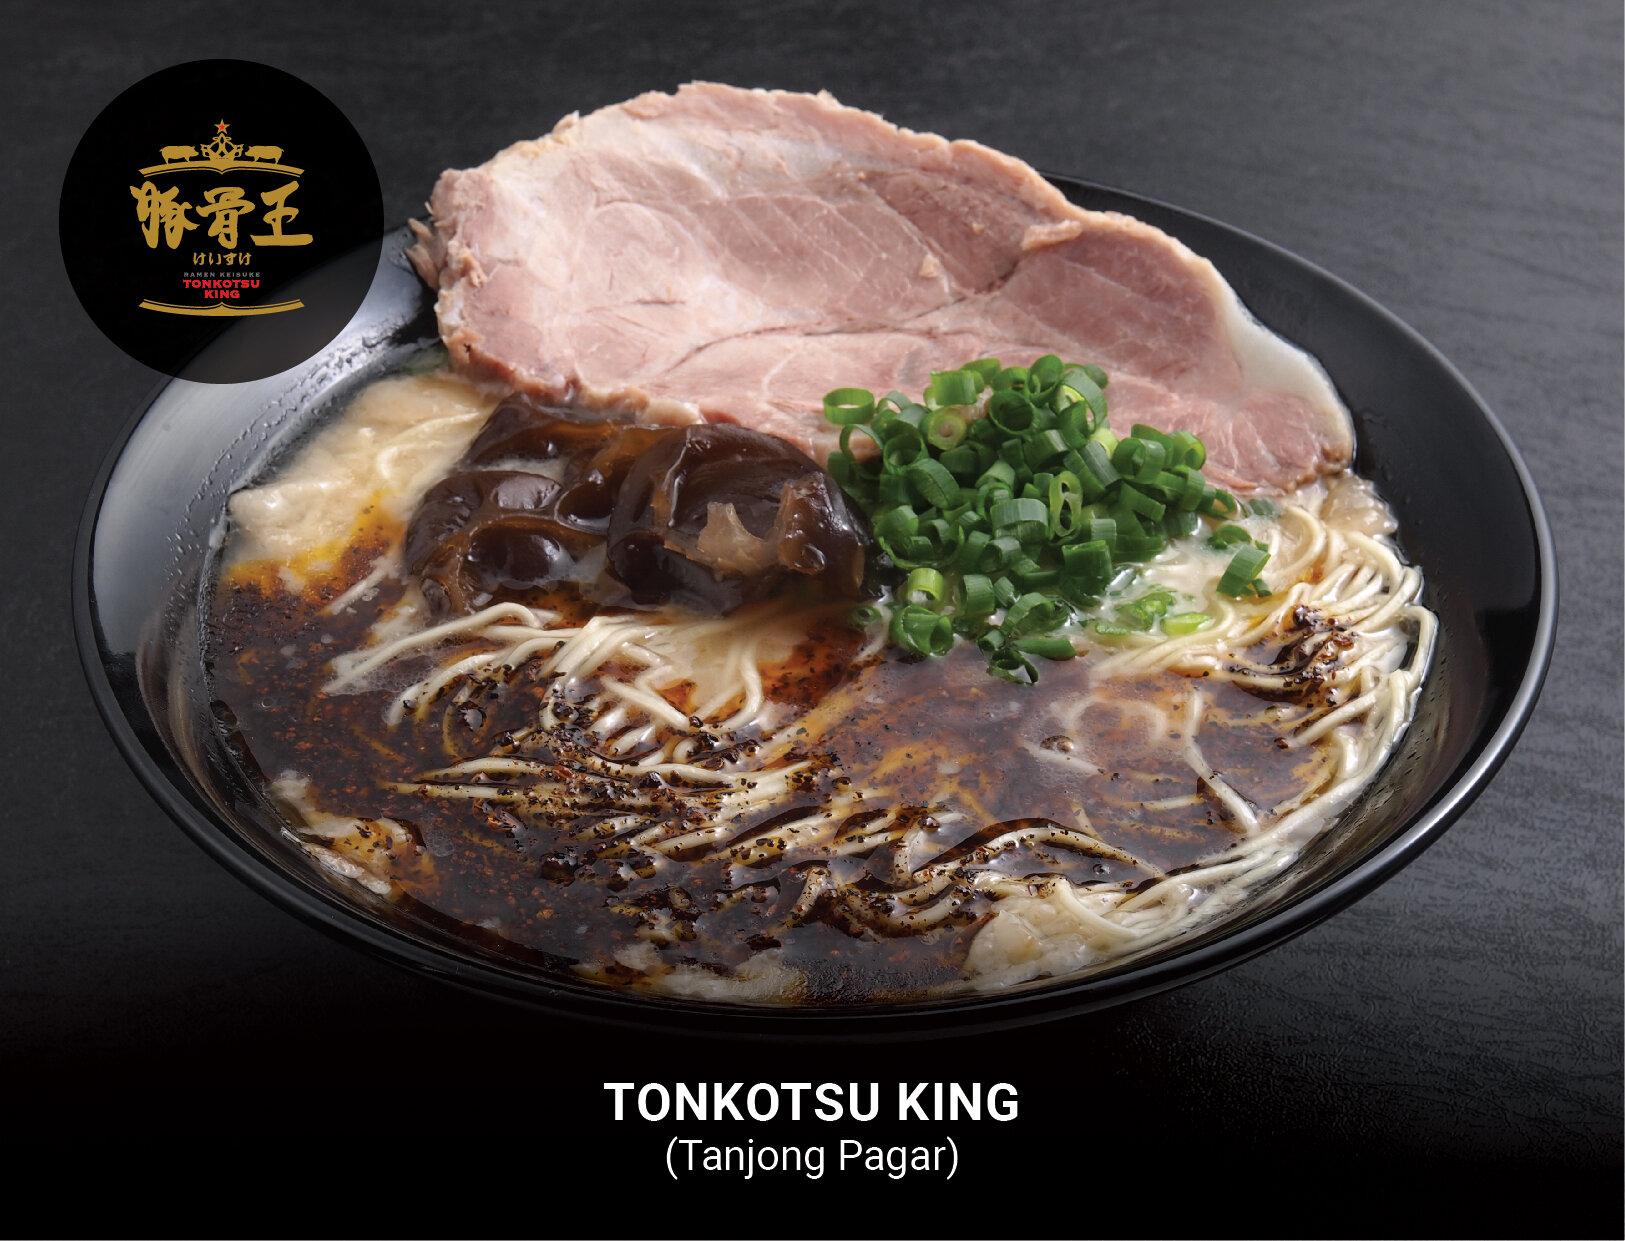 Tonkotsu King (Tanjong Pagar)